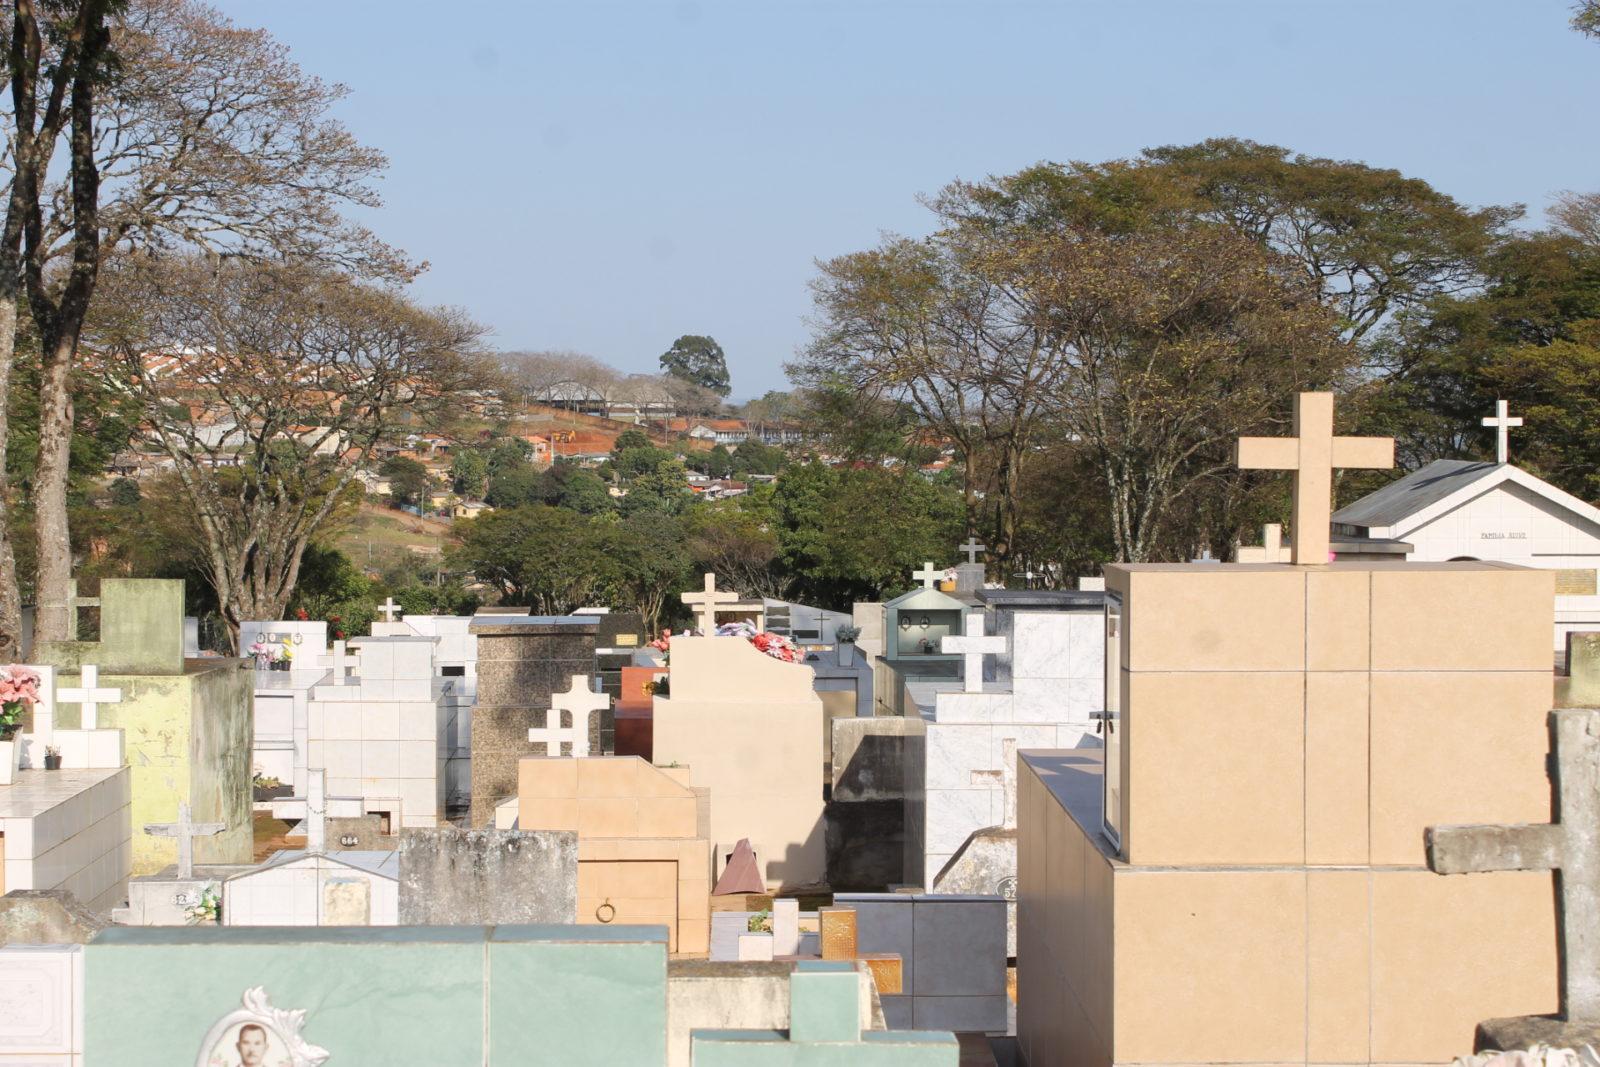 Prefeitura de Itararé (SP) alerta população quanto às datas para os preparativos ao Dia de Finados